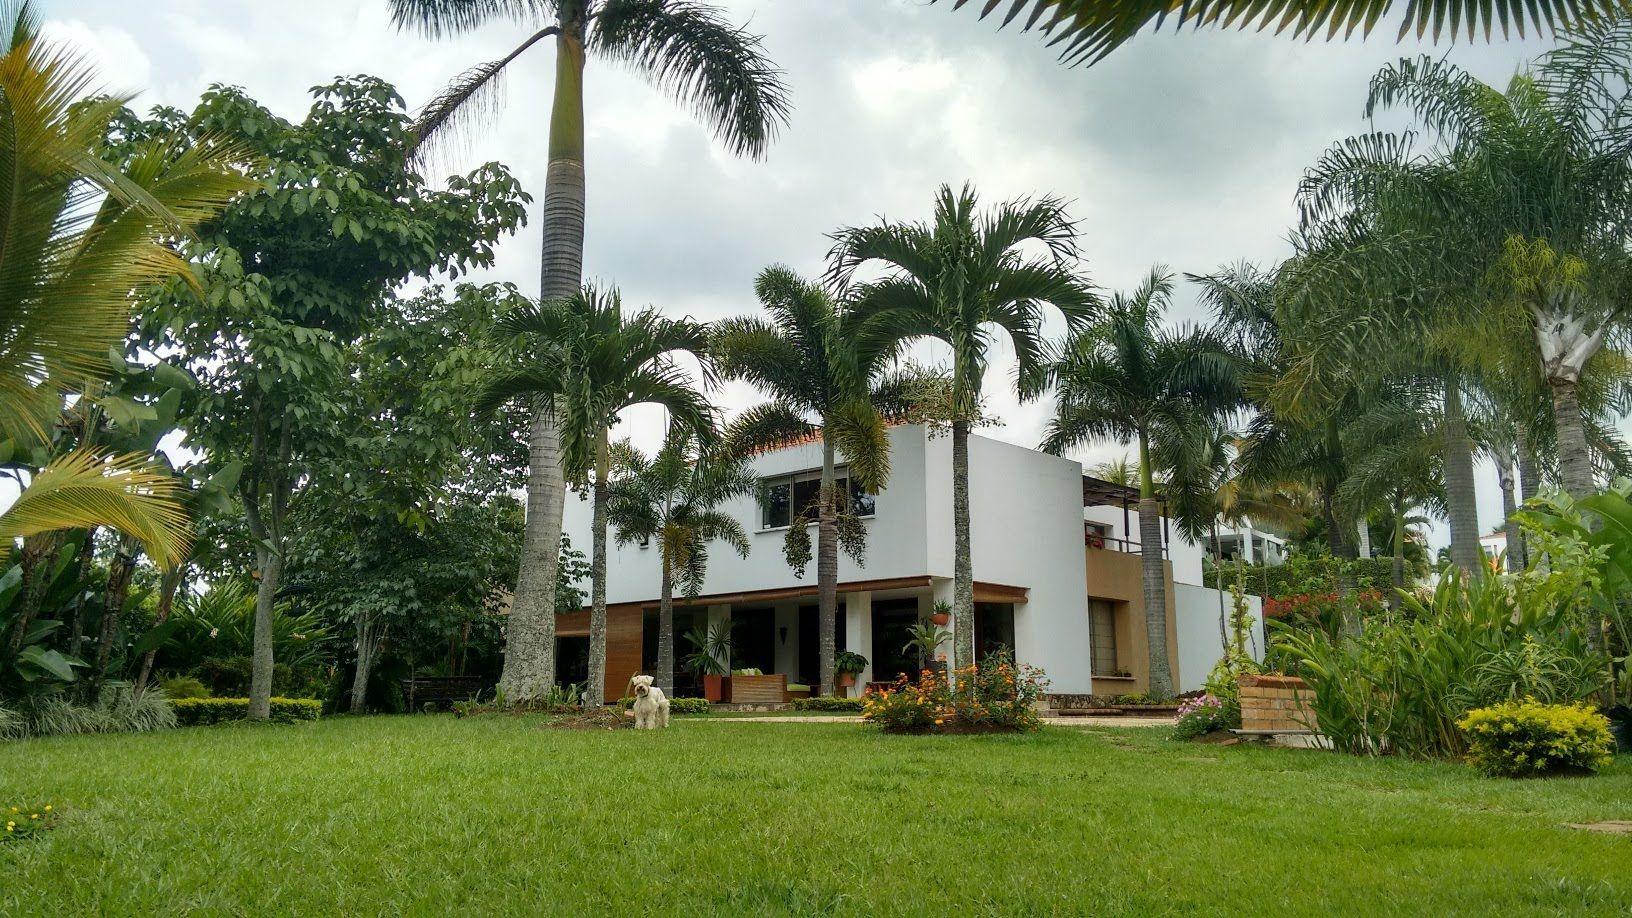 Los 5 barrios m s lujosos de colombia ole colombia for Barrio ciudad jardin barranquilla